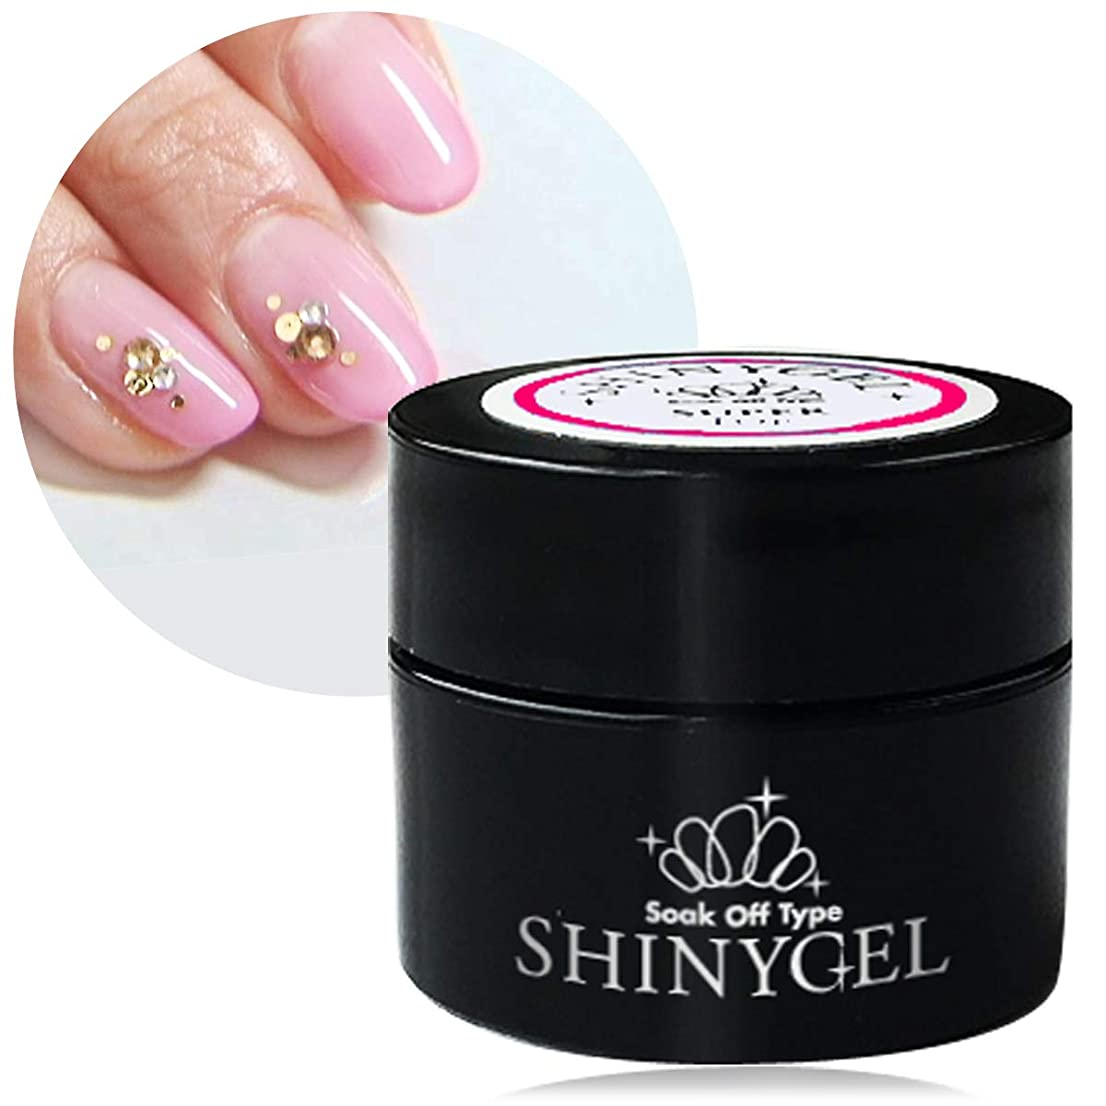 兵士教義接ぎ木[UV/LED対応○] SHINYGEL シャイニージェル スーパートップ/5g <セミハードタイプ>爪にやさしく 極上のツヤとうっとりする透明感 100%純国産原料使用